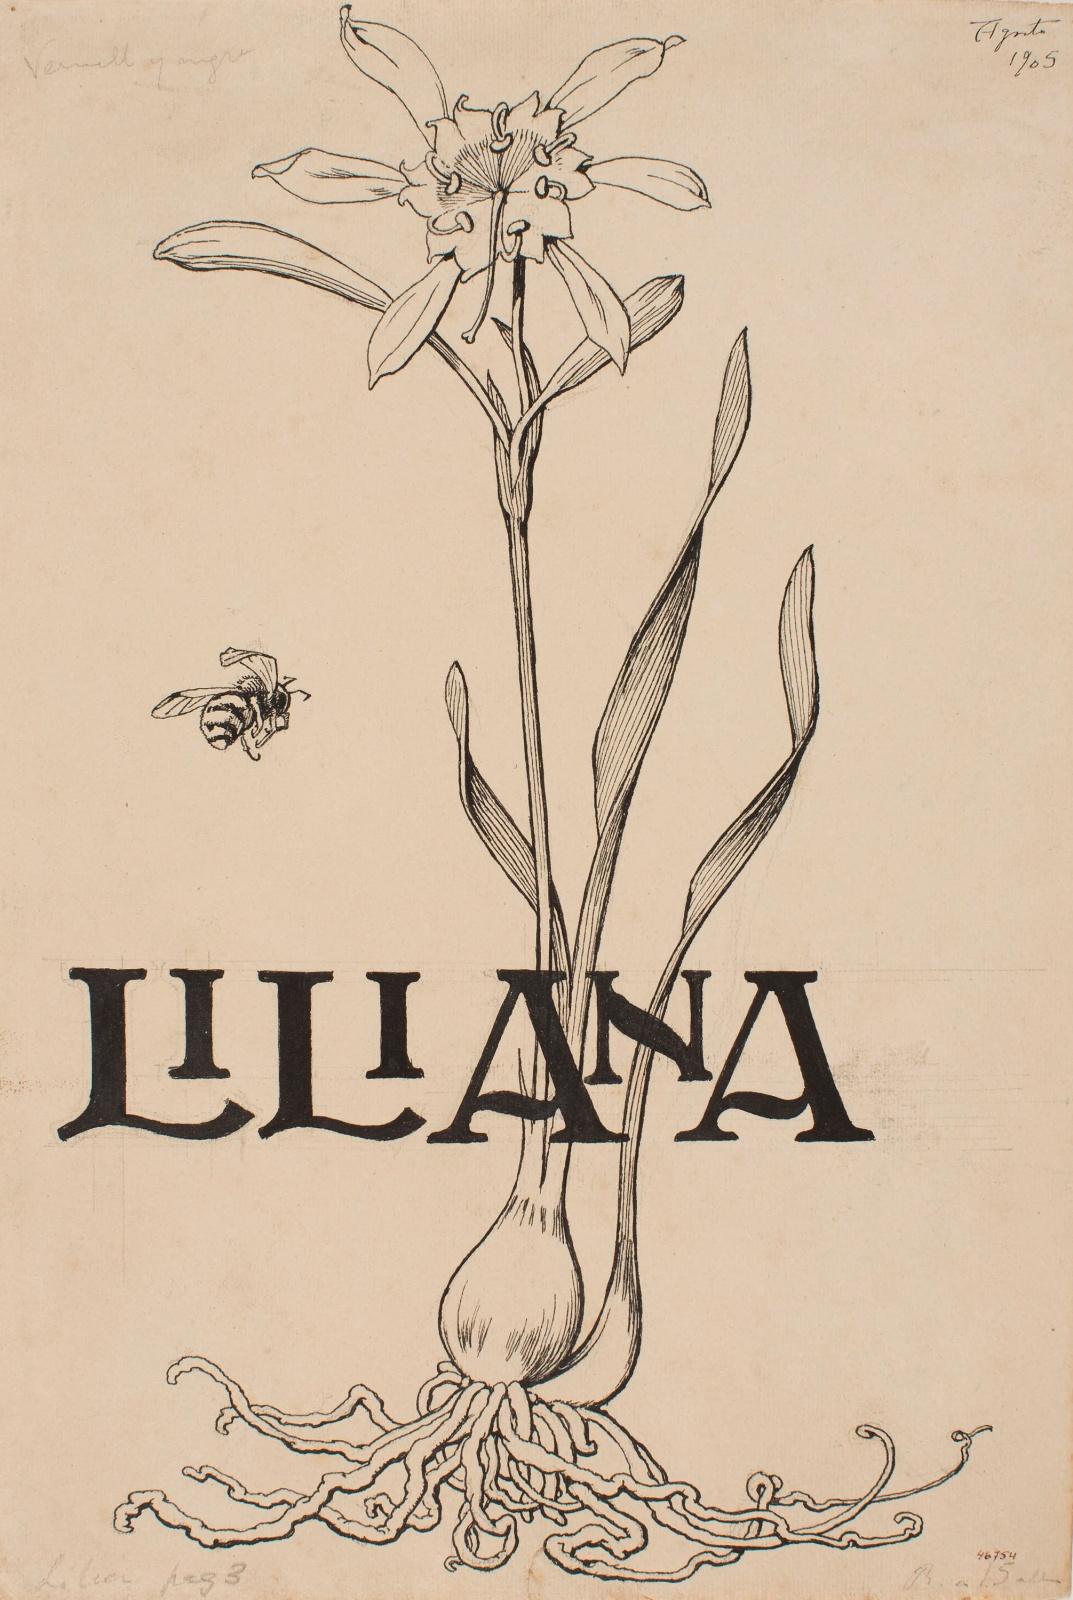 Liliana. El món fantàstic d'Apel·les Mestres